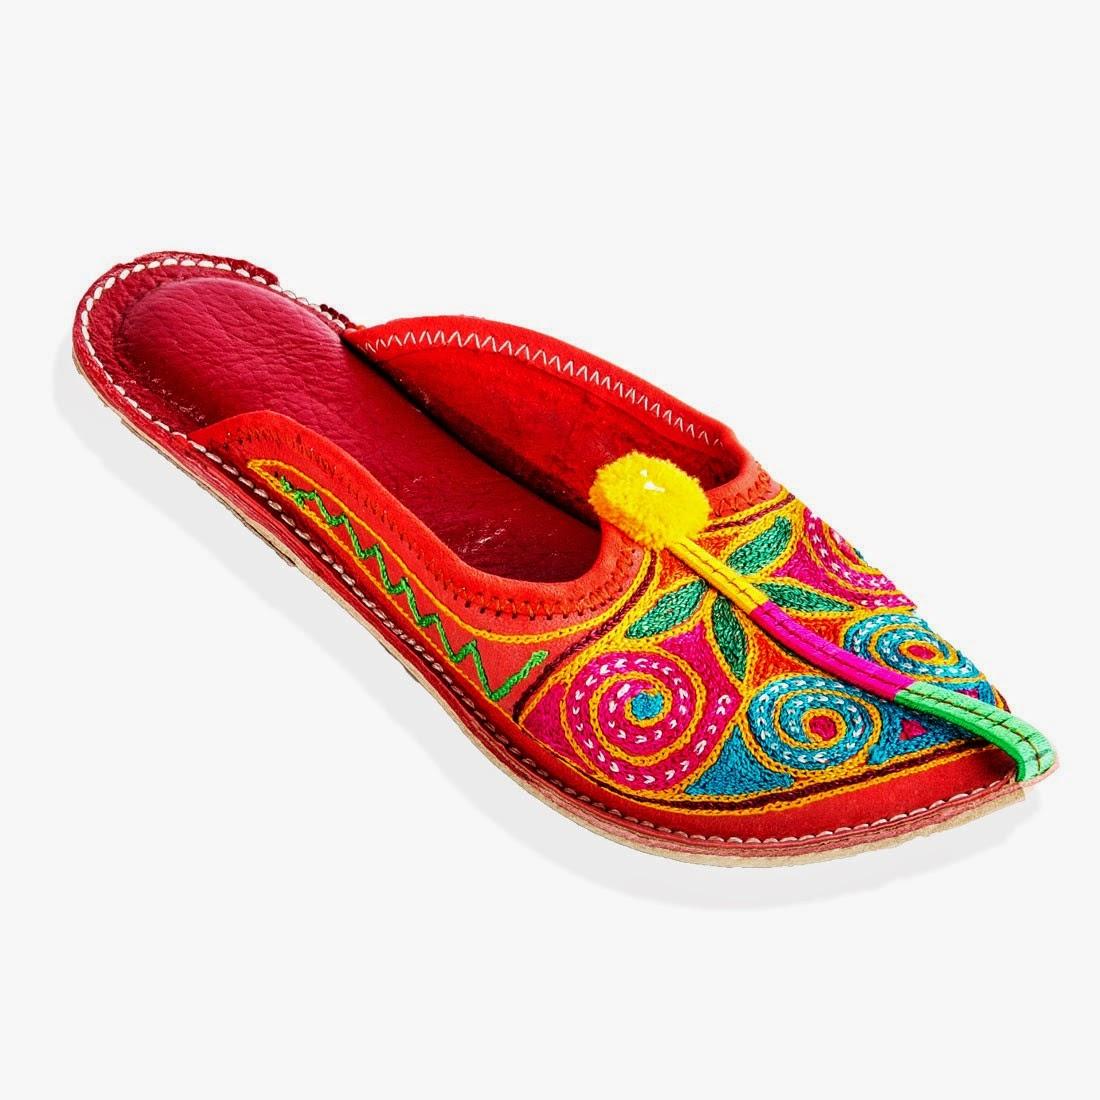 Rajasthani Heels